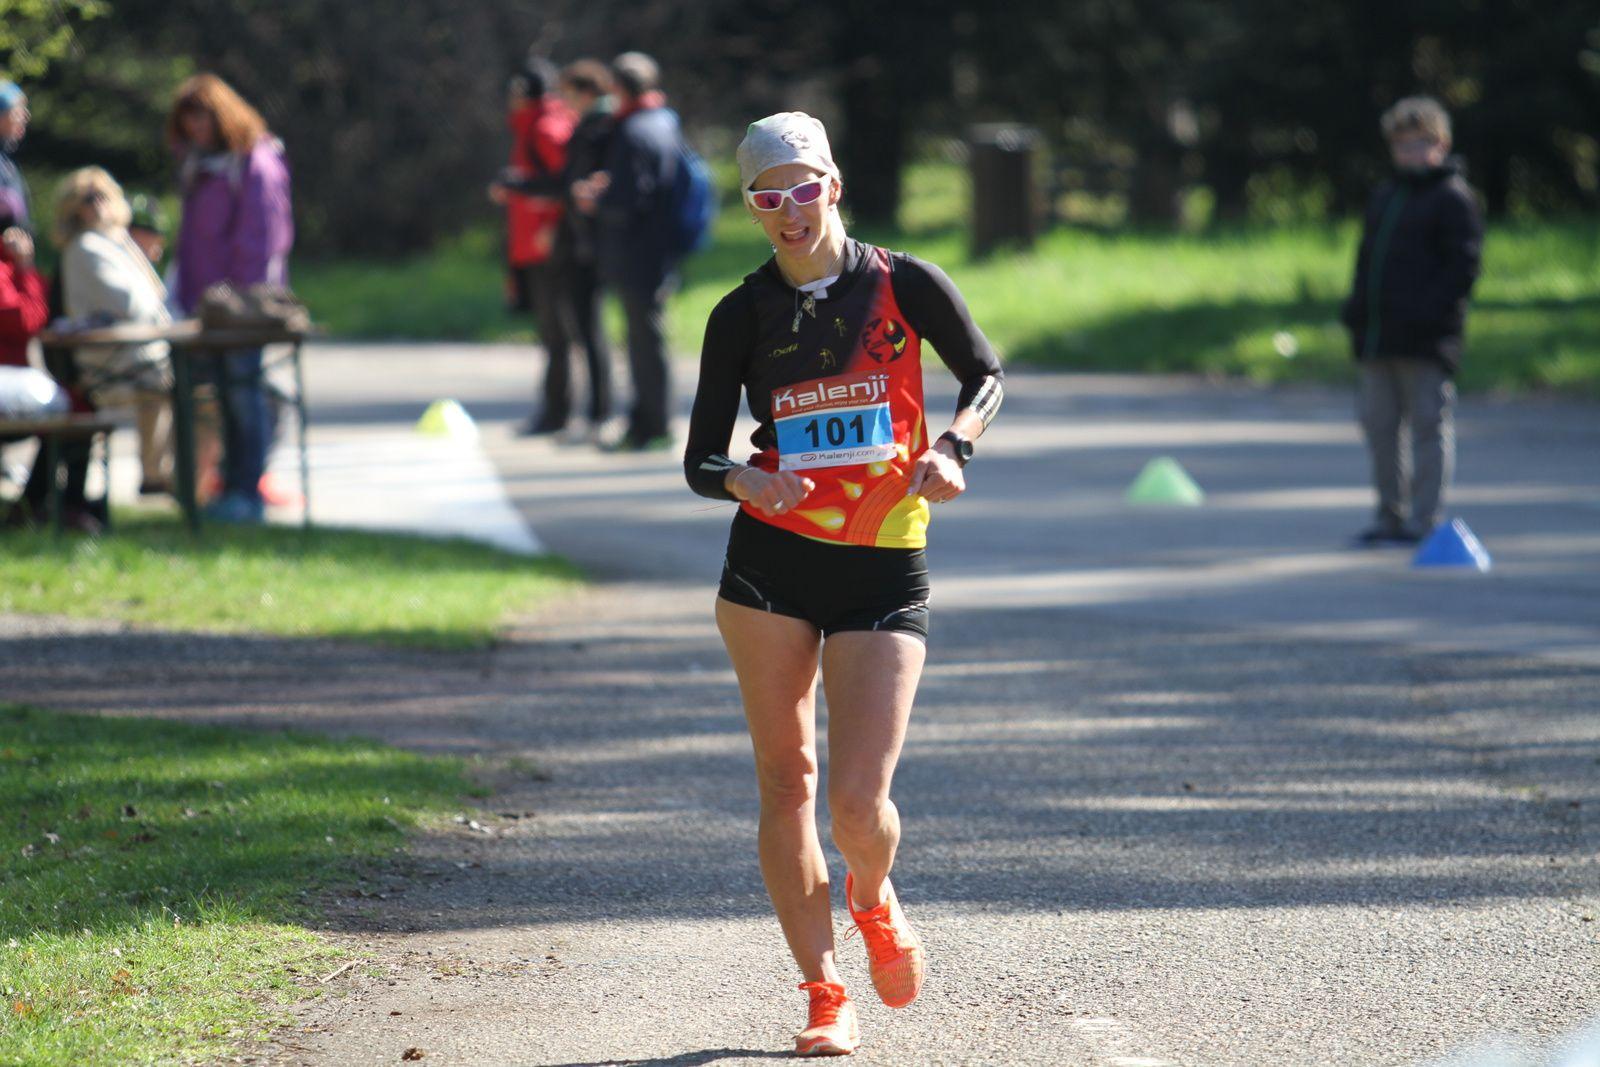 Les absents ont eu tort ce dimanche matin pour les 10 et 20km des Championnats Rhône-Alpes de marche sur route qui ont eu lieu à Parilly